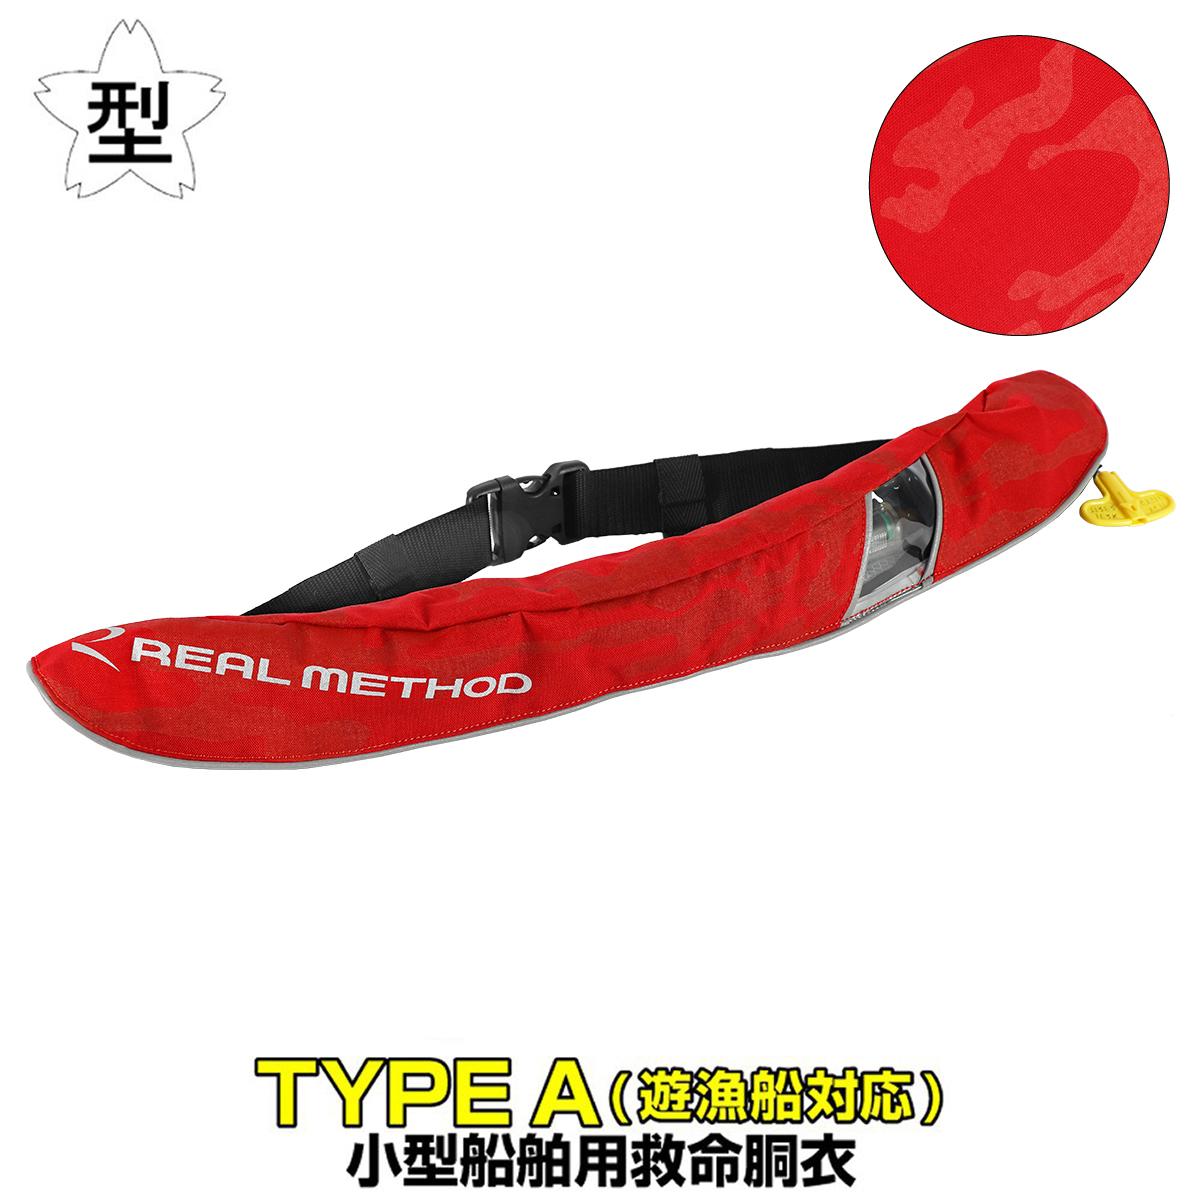 タカミヤ REAL METHOD 自動膨脹式ライフジャケット ウエストベルトタイプ RM-5520RSII レッドカモフラ ※遊漁船対応(東日本店)